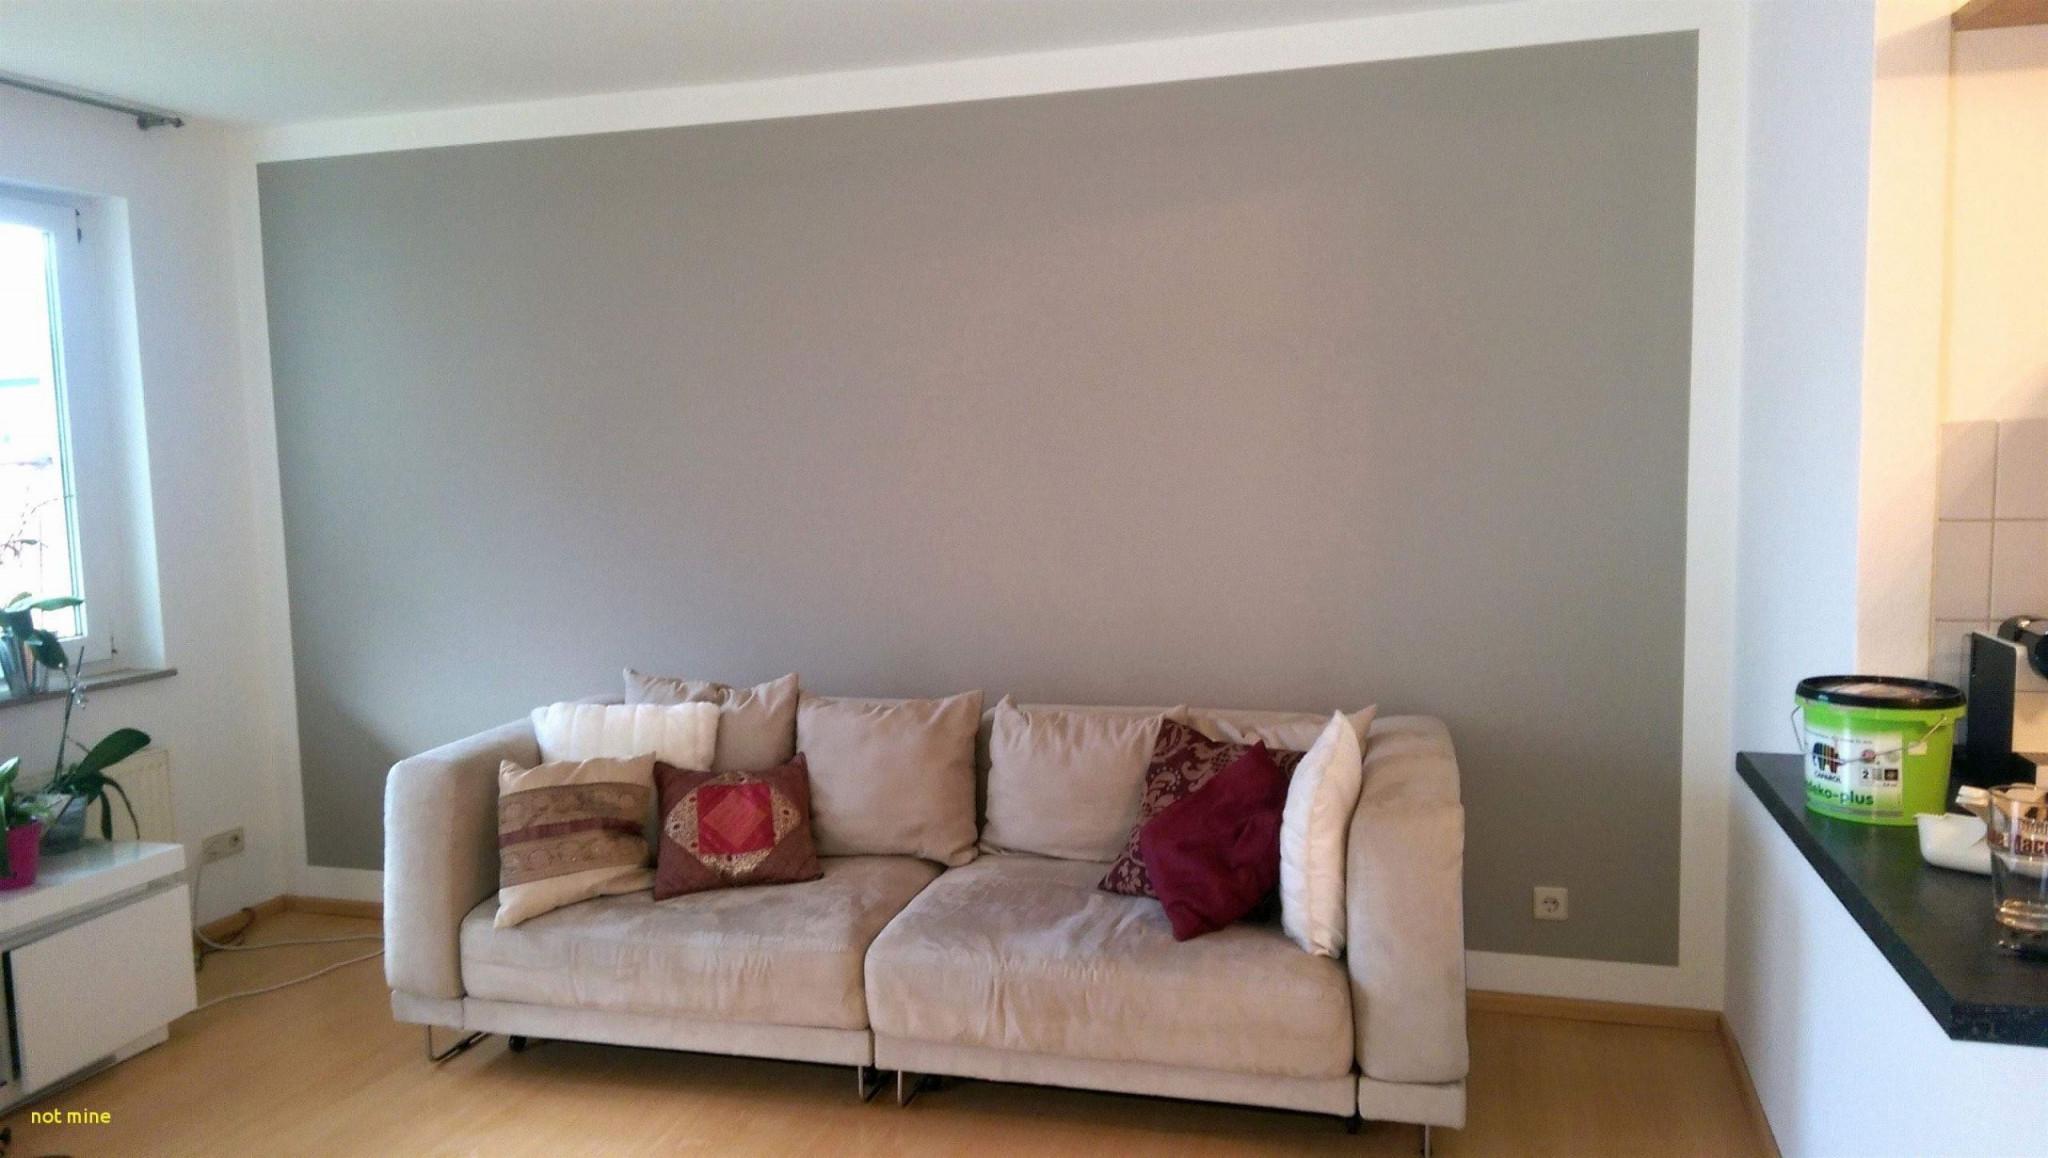 Wandgestaltung Wand Streichen Ideen Wohnzimmer – Caseconrad von Wohnzimmer Ausmalen Ideen Bild